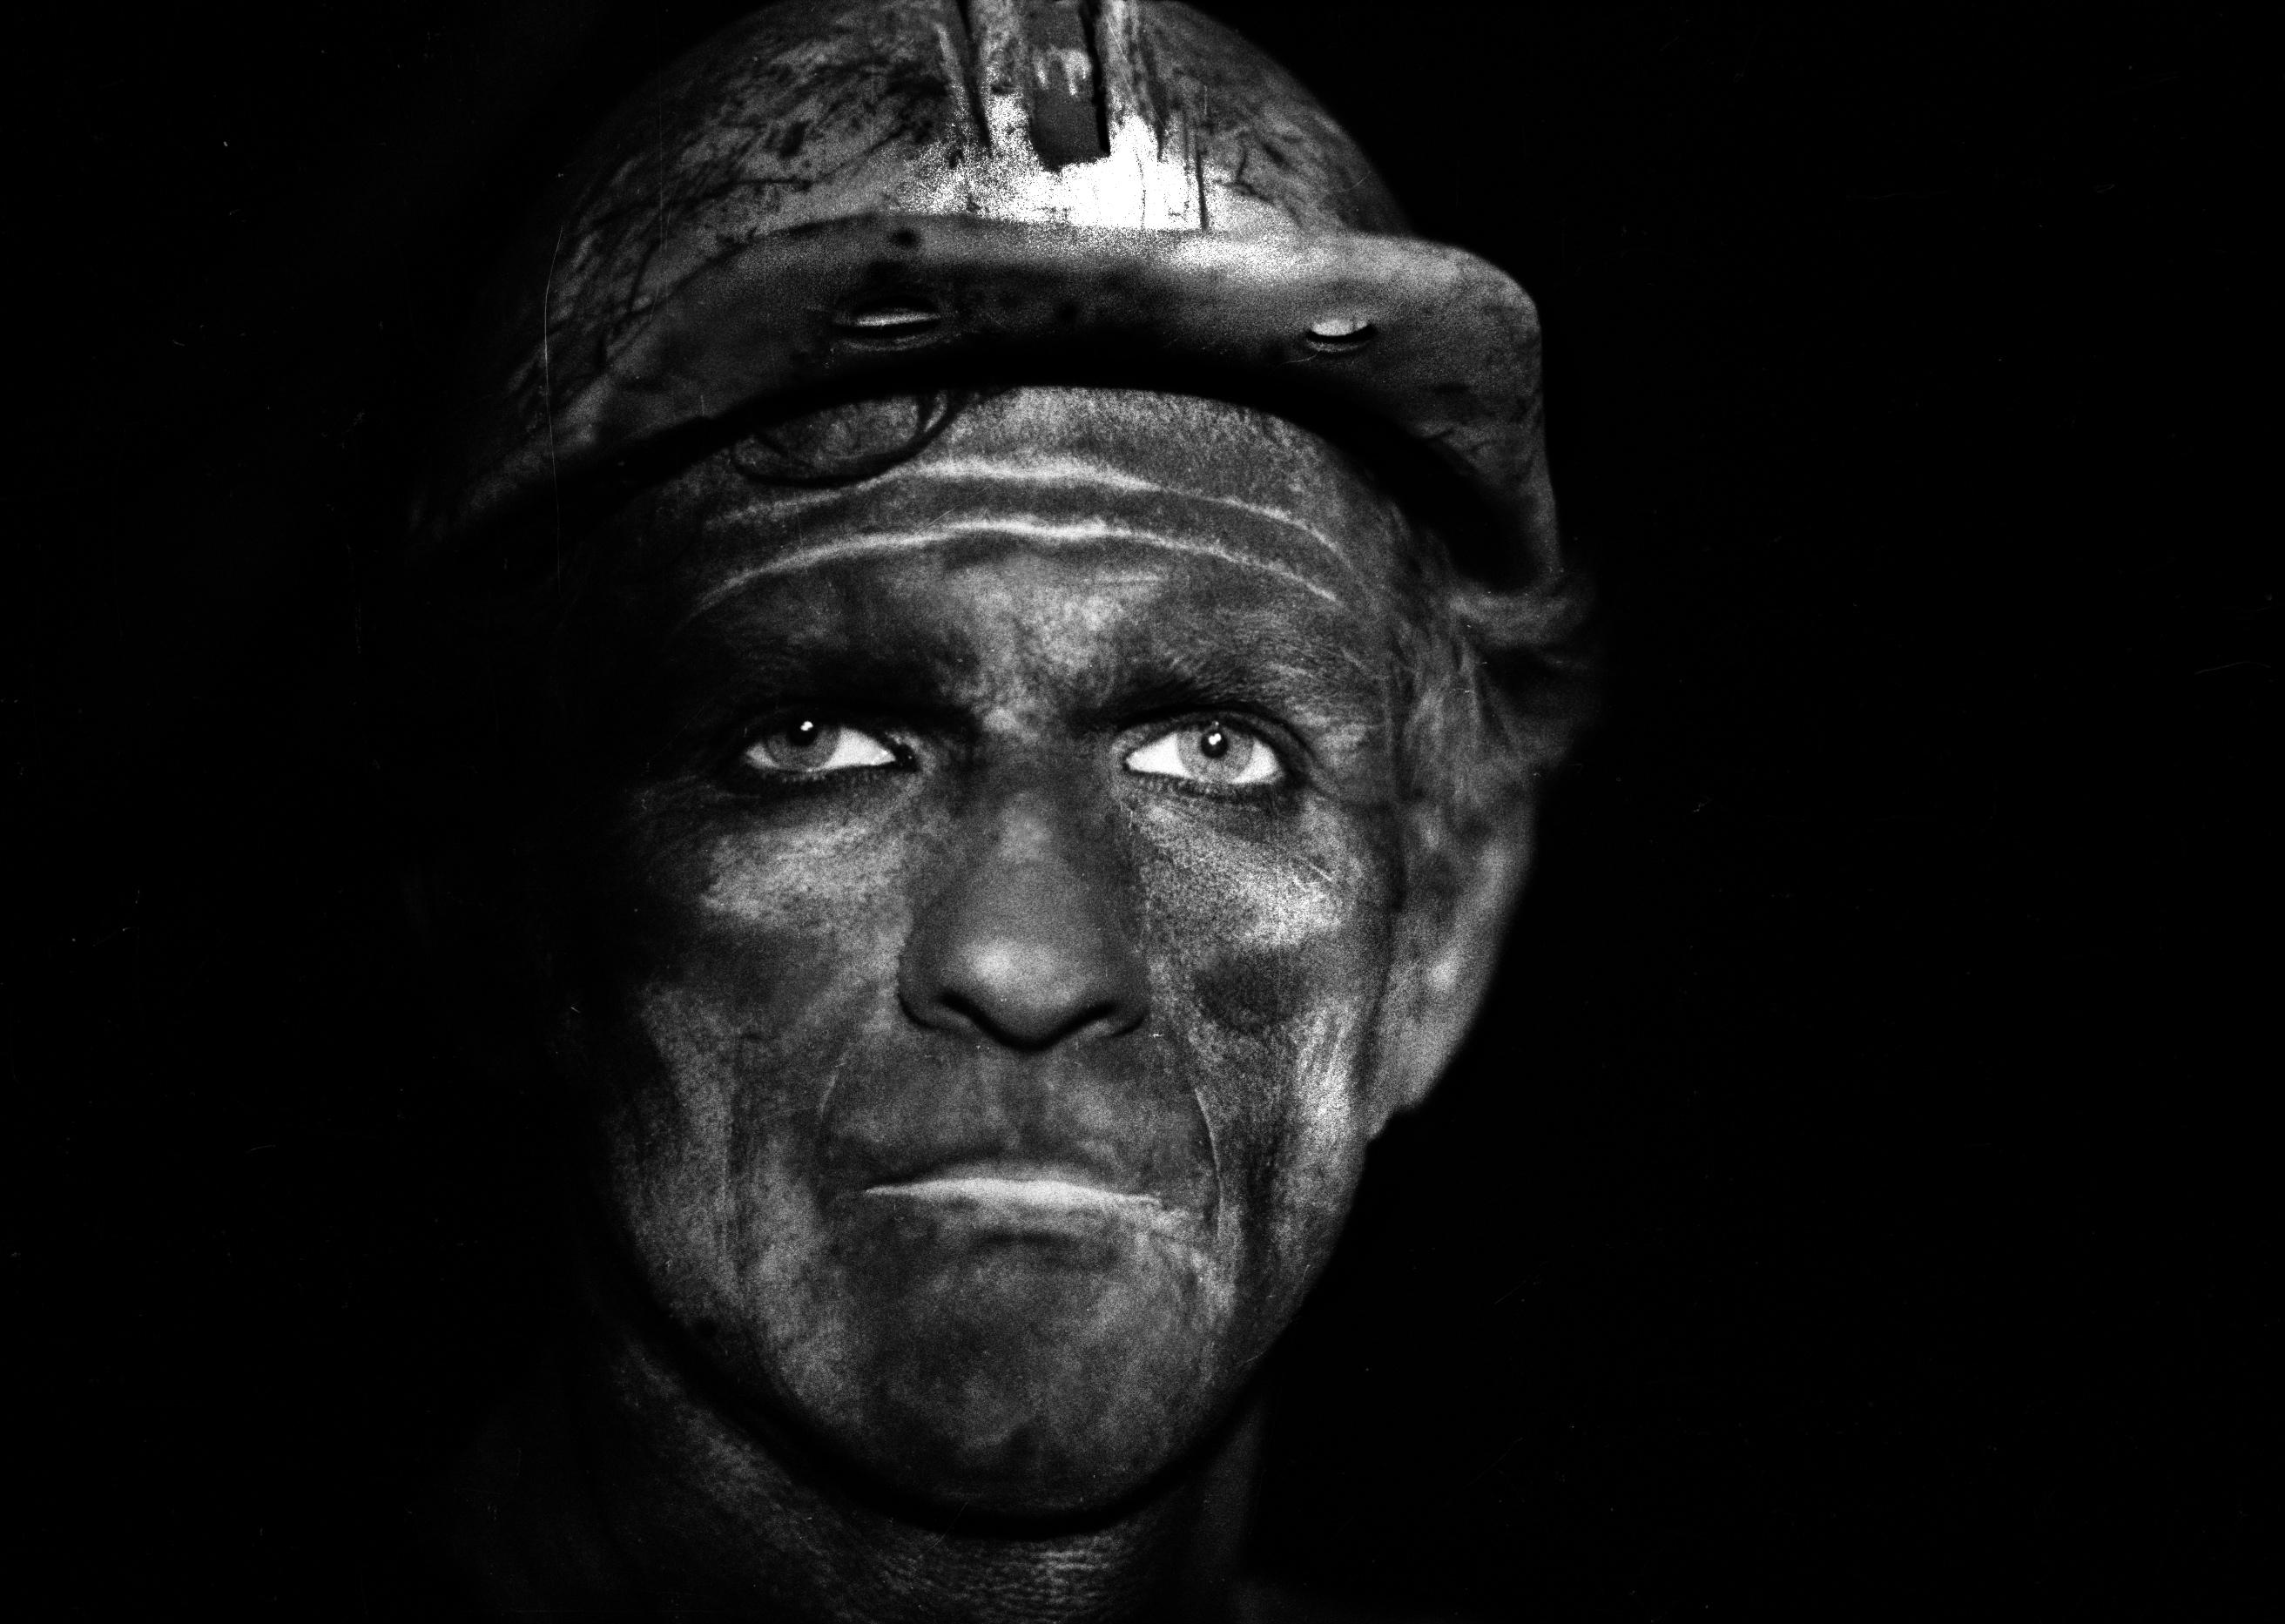 Ruda Śląska, 03.1979. Kopalnia węgla kamiennego Pokój, portret górnika. Fot. Aleksander Jałosiński/FORUM